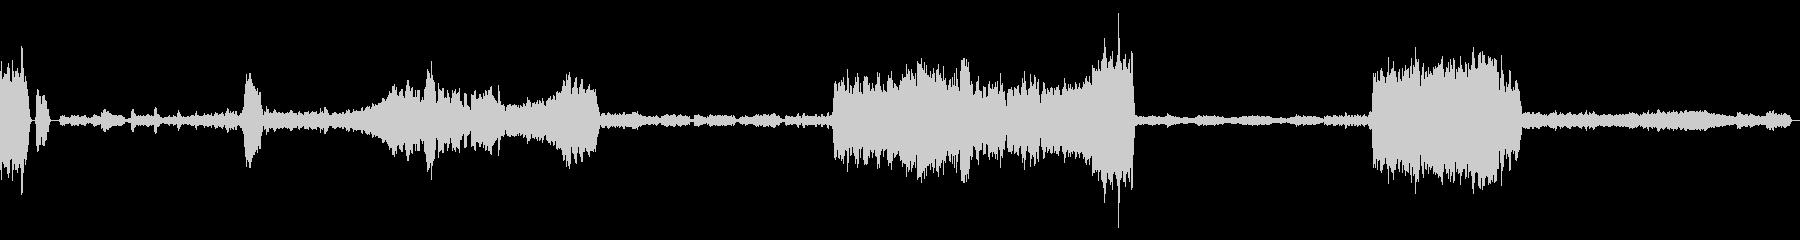 リムスキー・コルサコフの最高傑作の未再生の波形